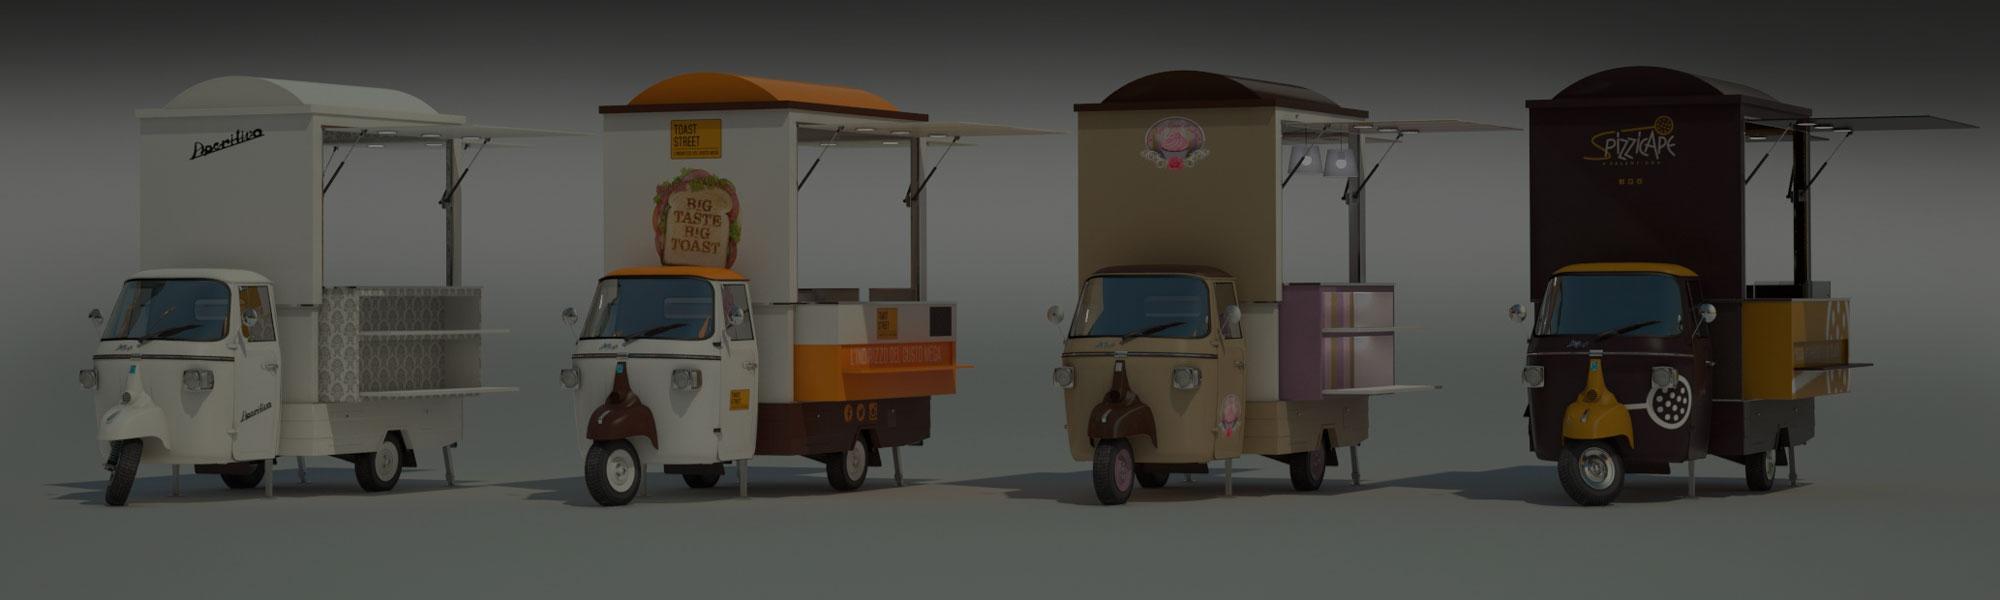 Street food business Ape